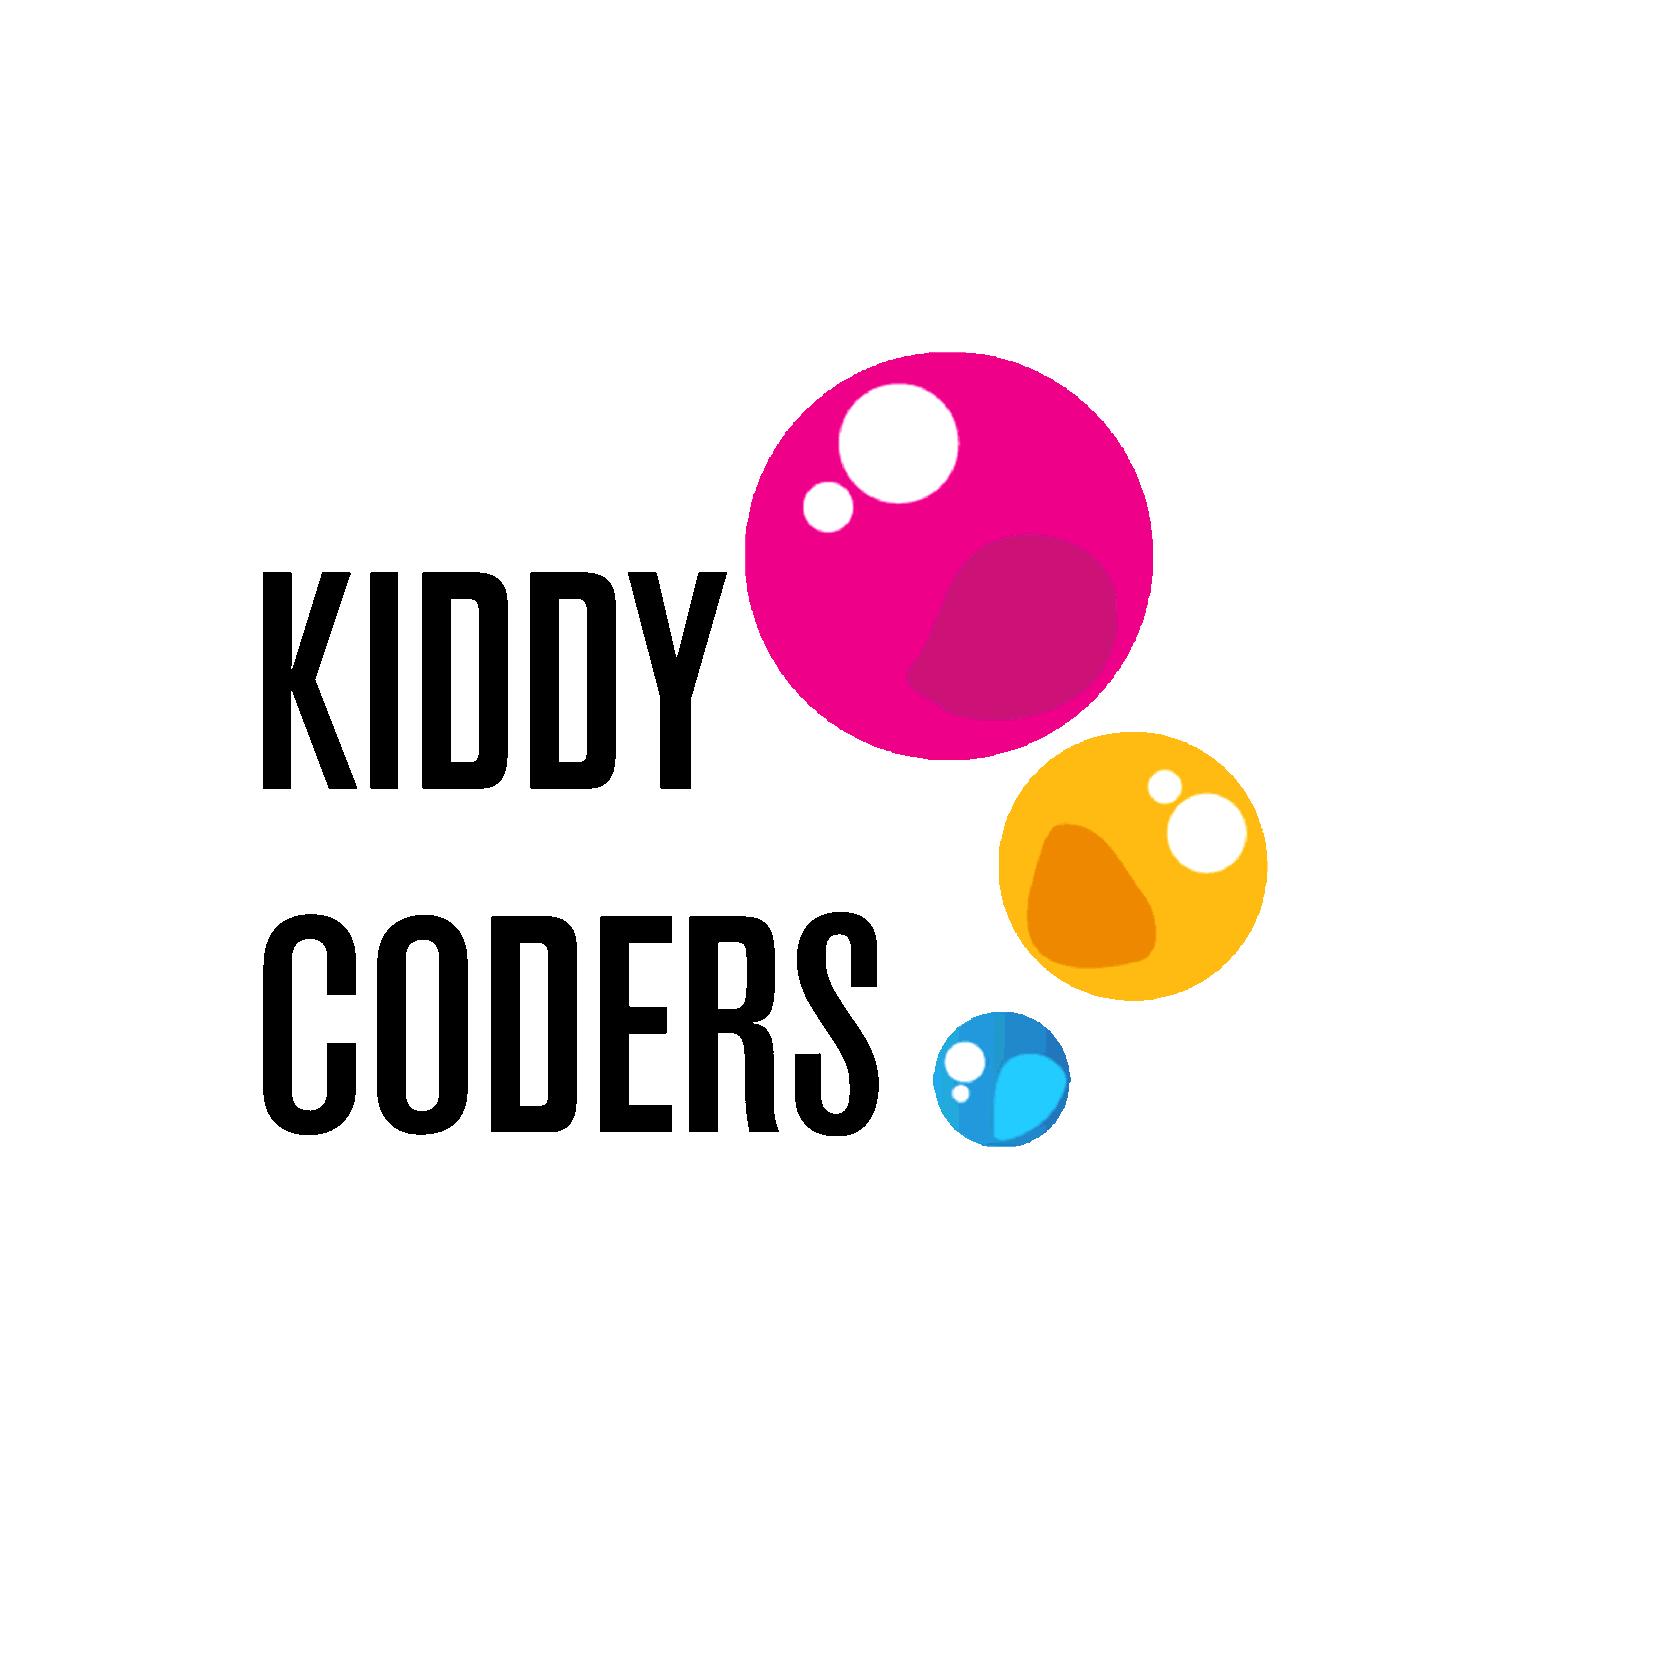 Kiddy Coders